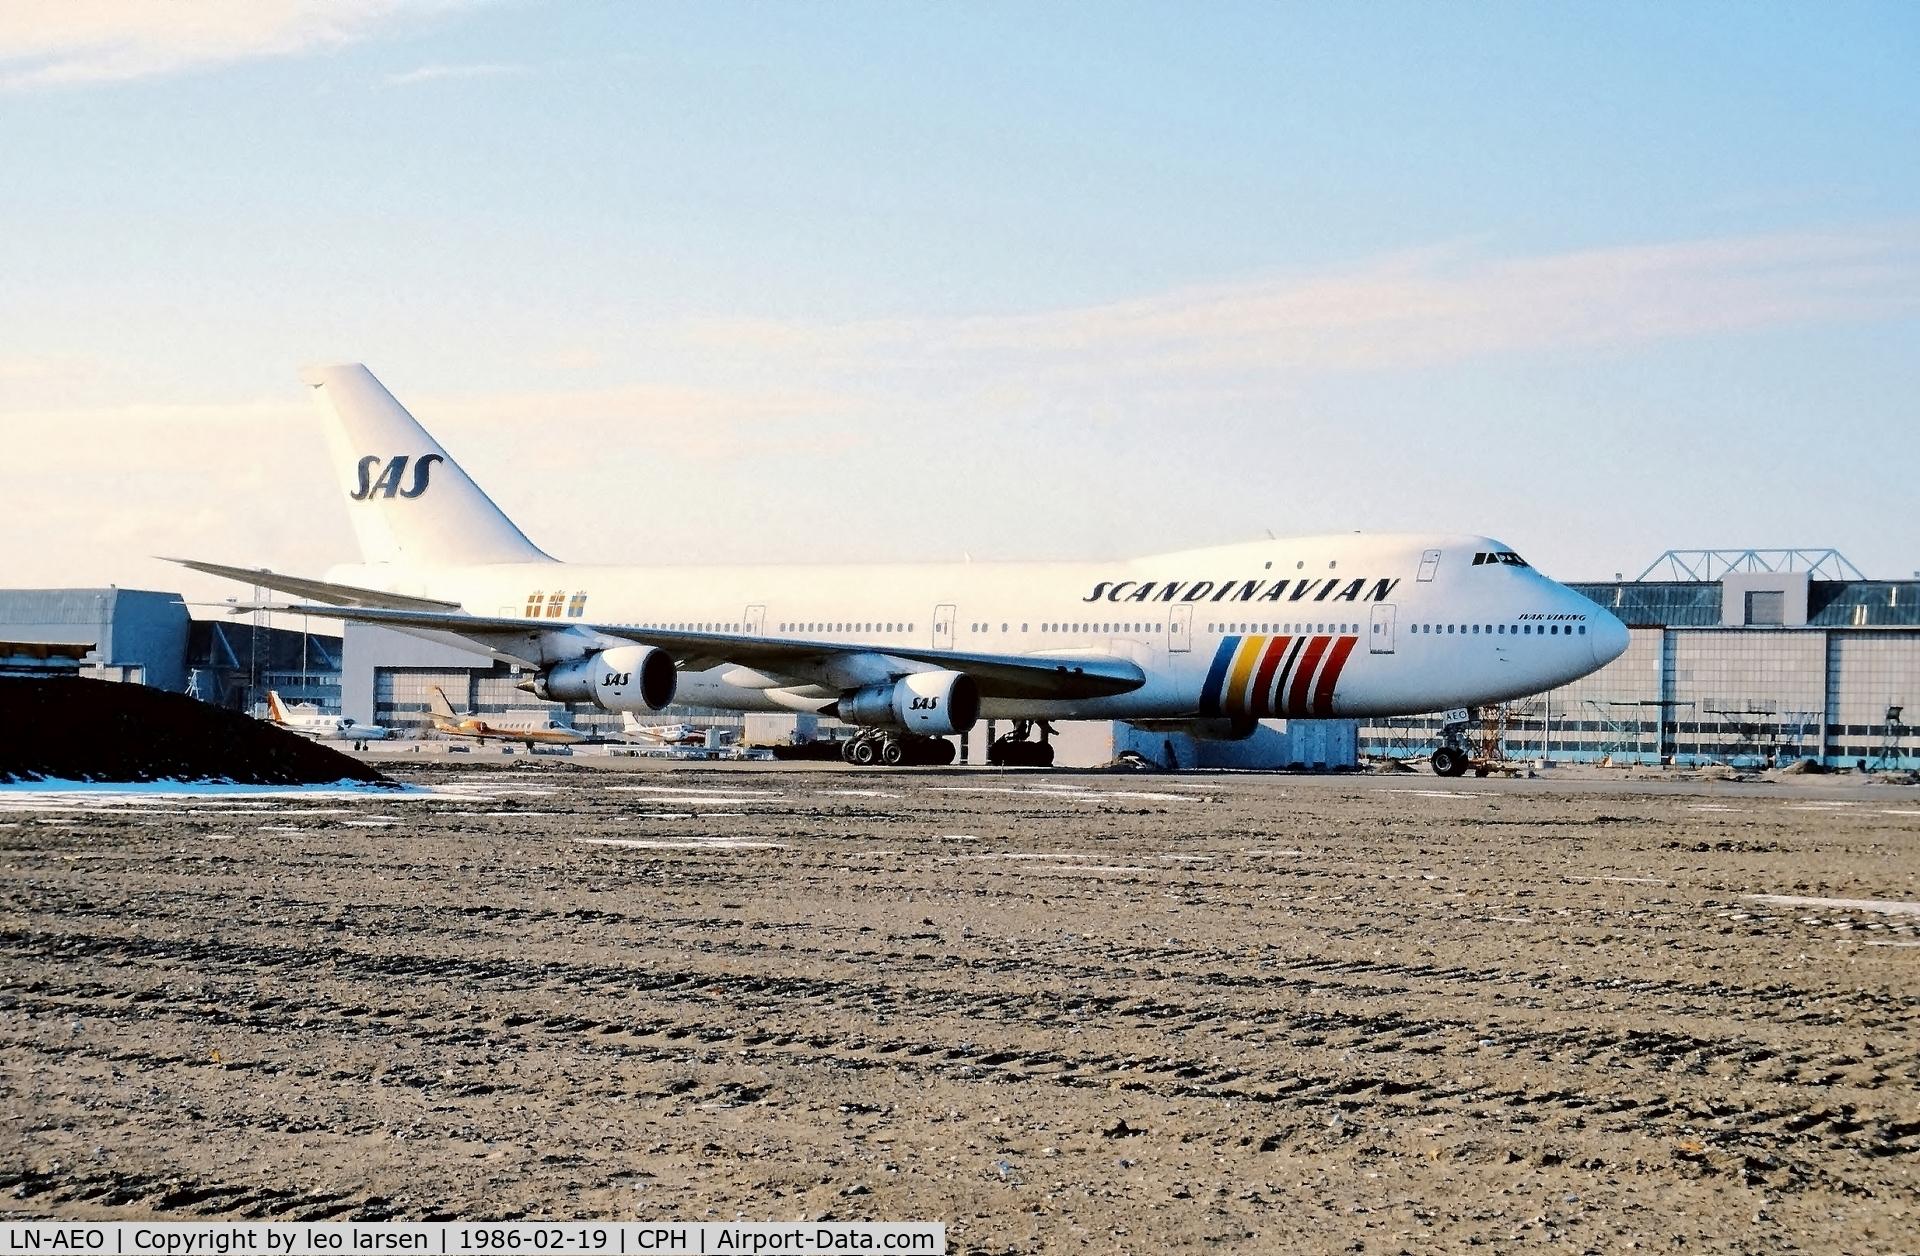 LN-AEO, 1971 Boeing 747-283B C/N 20121, Copenhagen 19.2.1986